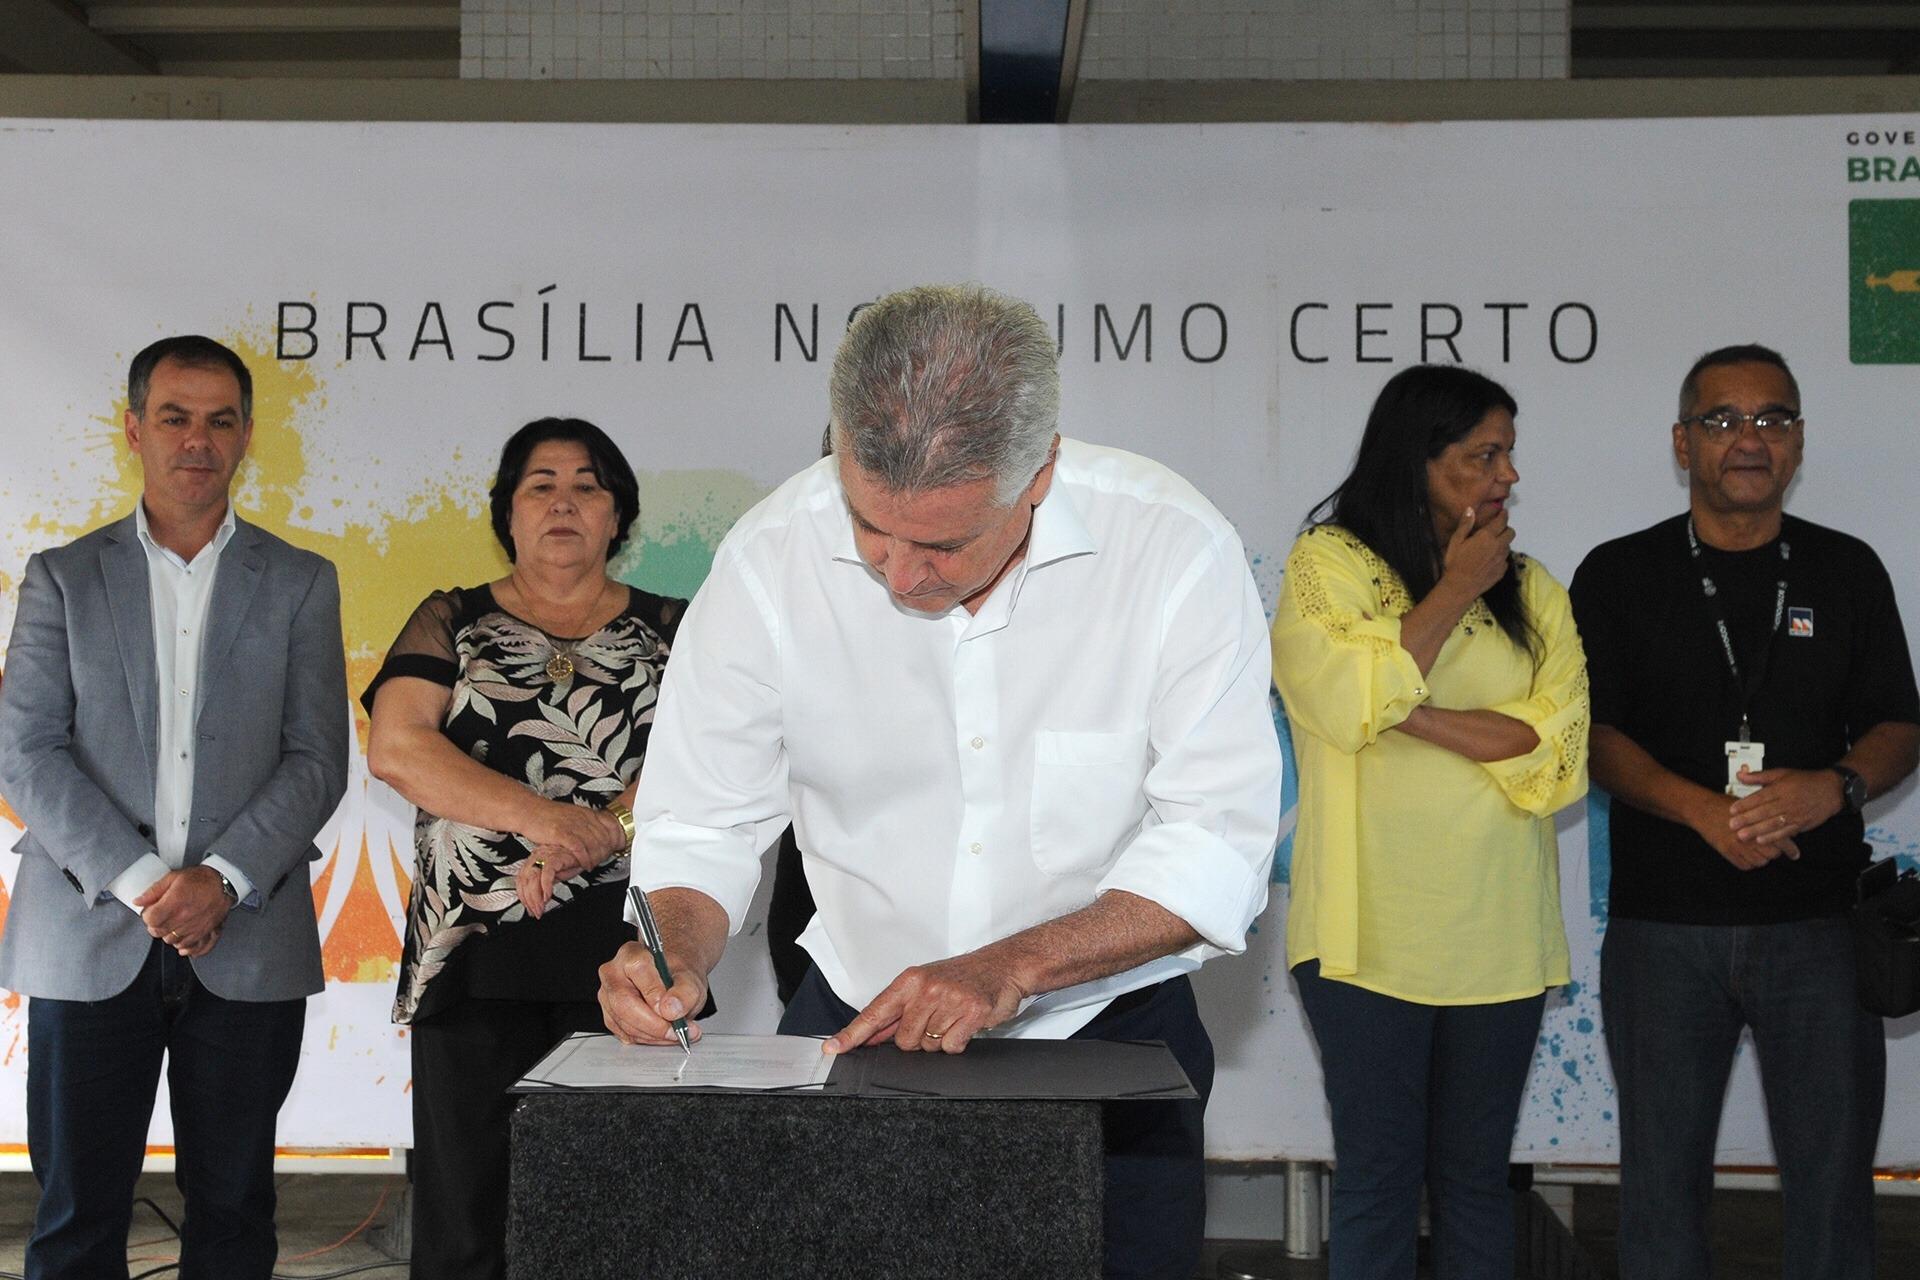 Governador assina ordem de serviço para conclusão da Estação Estrada Parque